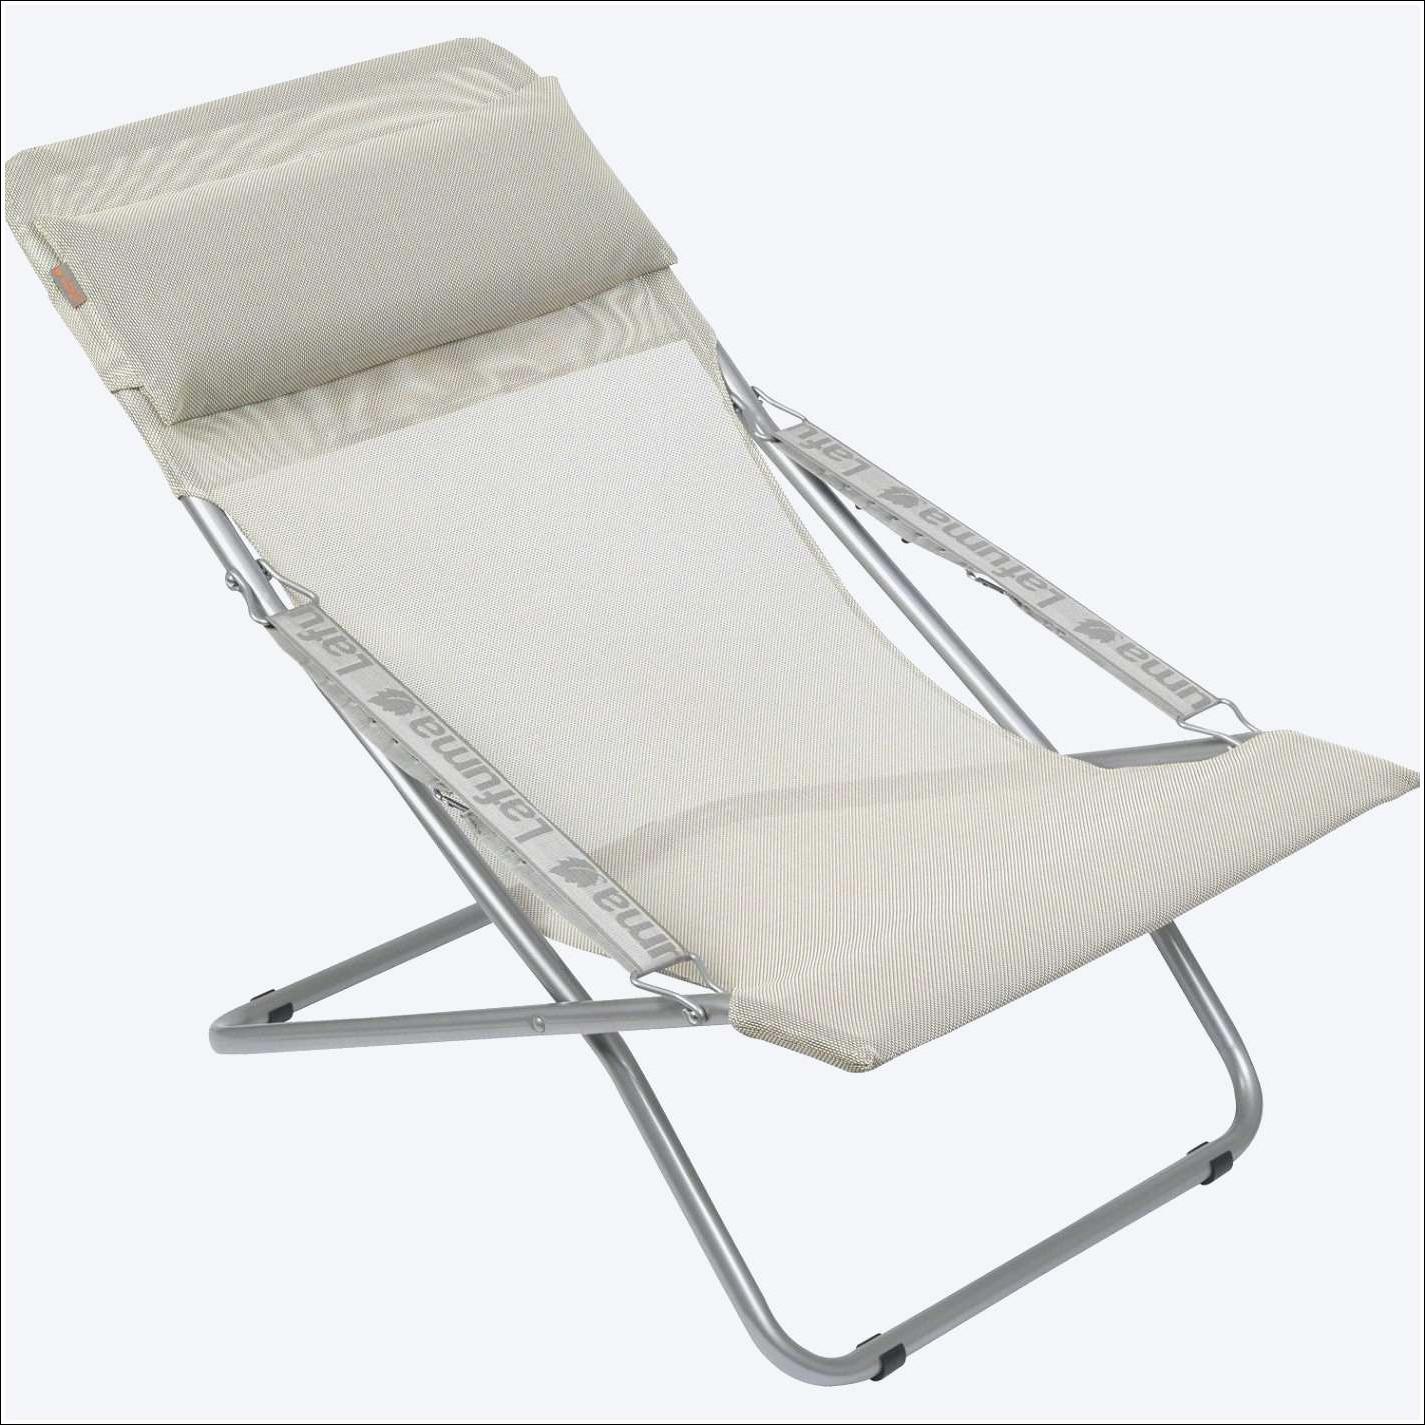 chaises longues castorama bois castorama beau hamac graphiques support 40 oxkztpiu of chaises longues castorama